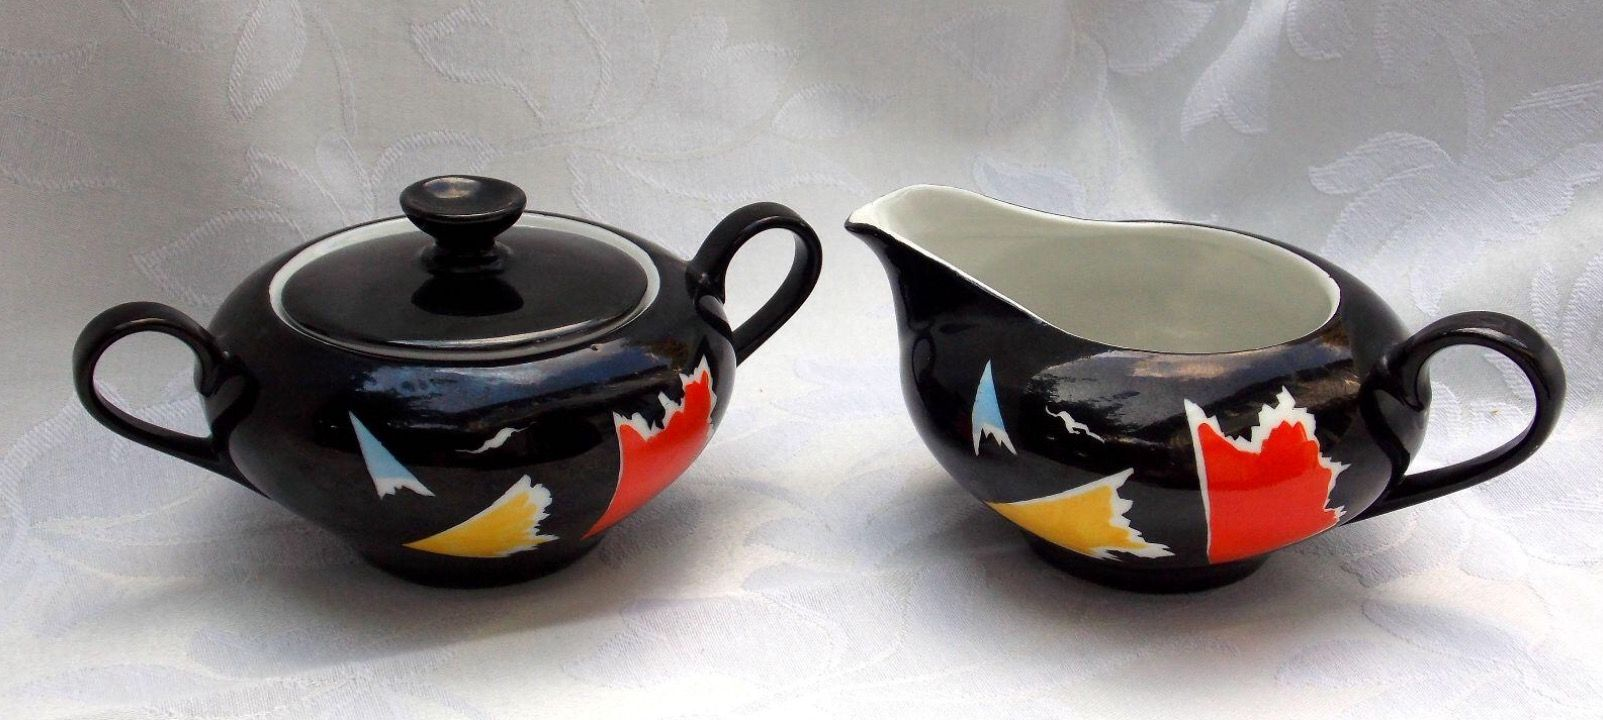 Mlecznik I Cukiernica Z Zestawu Julita Wawel Proj Edmund Ruszczynski Sugar Bowl Set Bowl Set Design